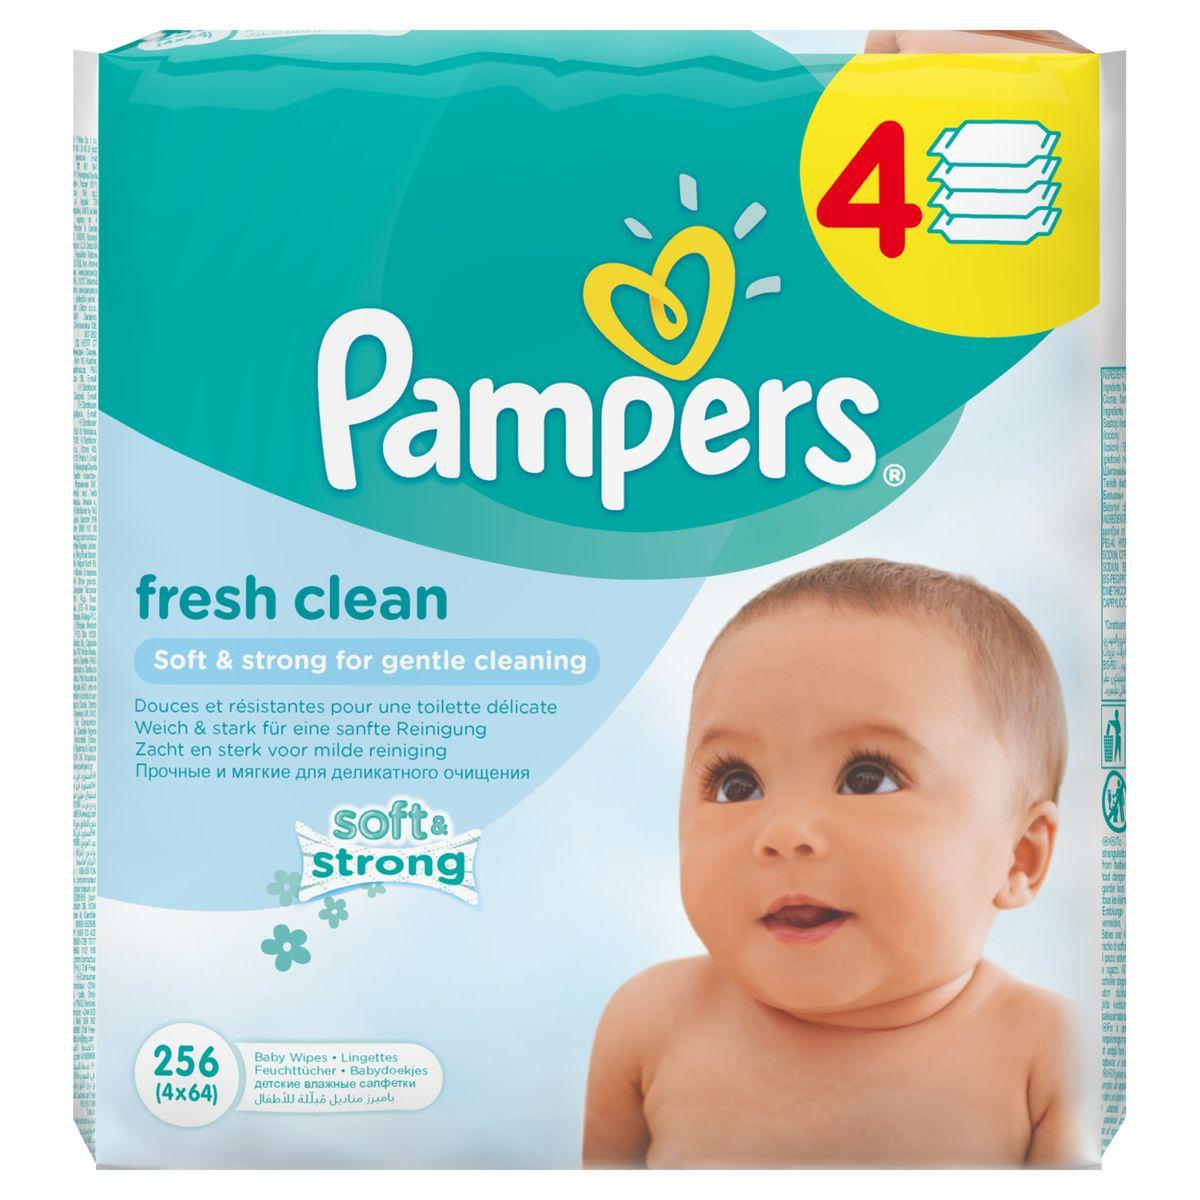 Pampers Детские влажные салфетки Baby Fresh Clean 256 штPA-81551132Прочные и мягкие влажные салфетки Pampers Baby Fresh Clean для деликатного очищения. Каждый малыш нуждается в нежном очищении, именно поэтому влажные салфетки Pampers Baby Fresh с дополнительным увлажнением позволяют бережно заботиться о детской коже. Благодаря своей уникальной мягкой текстуре SoftGrip, они очищают кожу малыша еще нежнее, чем раньше, поддерживая естественный уровень pH, облегчая мамам смену подгузника. Не бойтесь сюрпризов с Pampers Baby Fresh! Дерматологически протестированы. С новым освежающим ароматом. Товар сертифицирован.